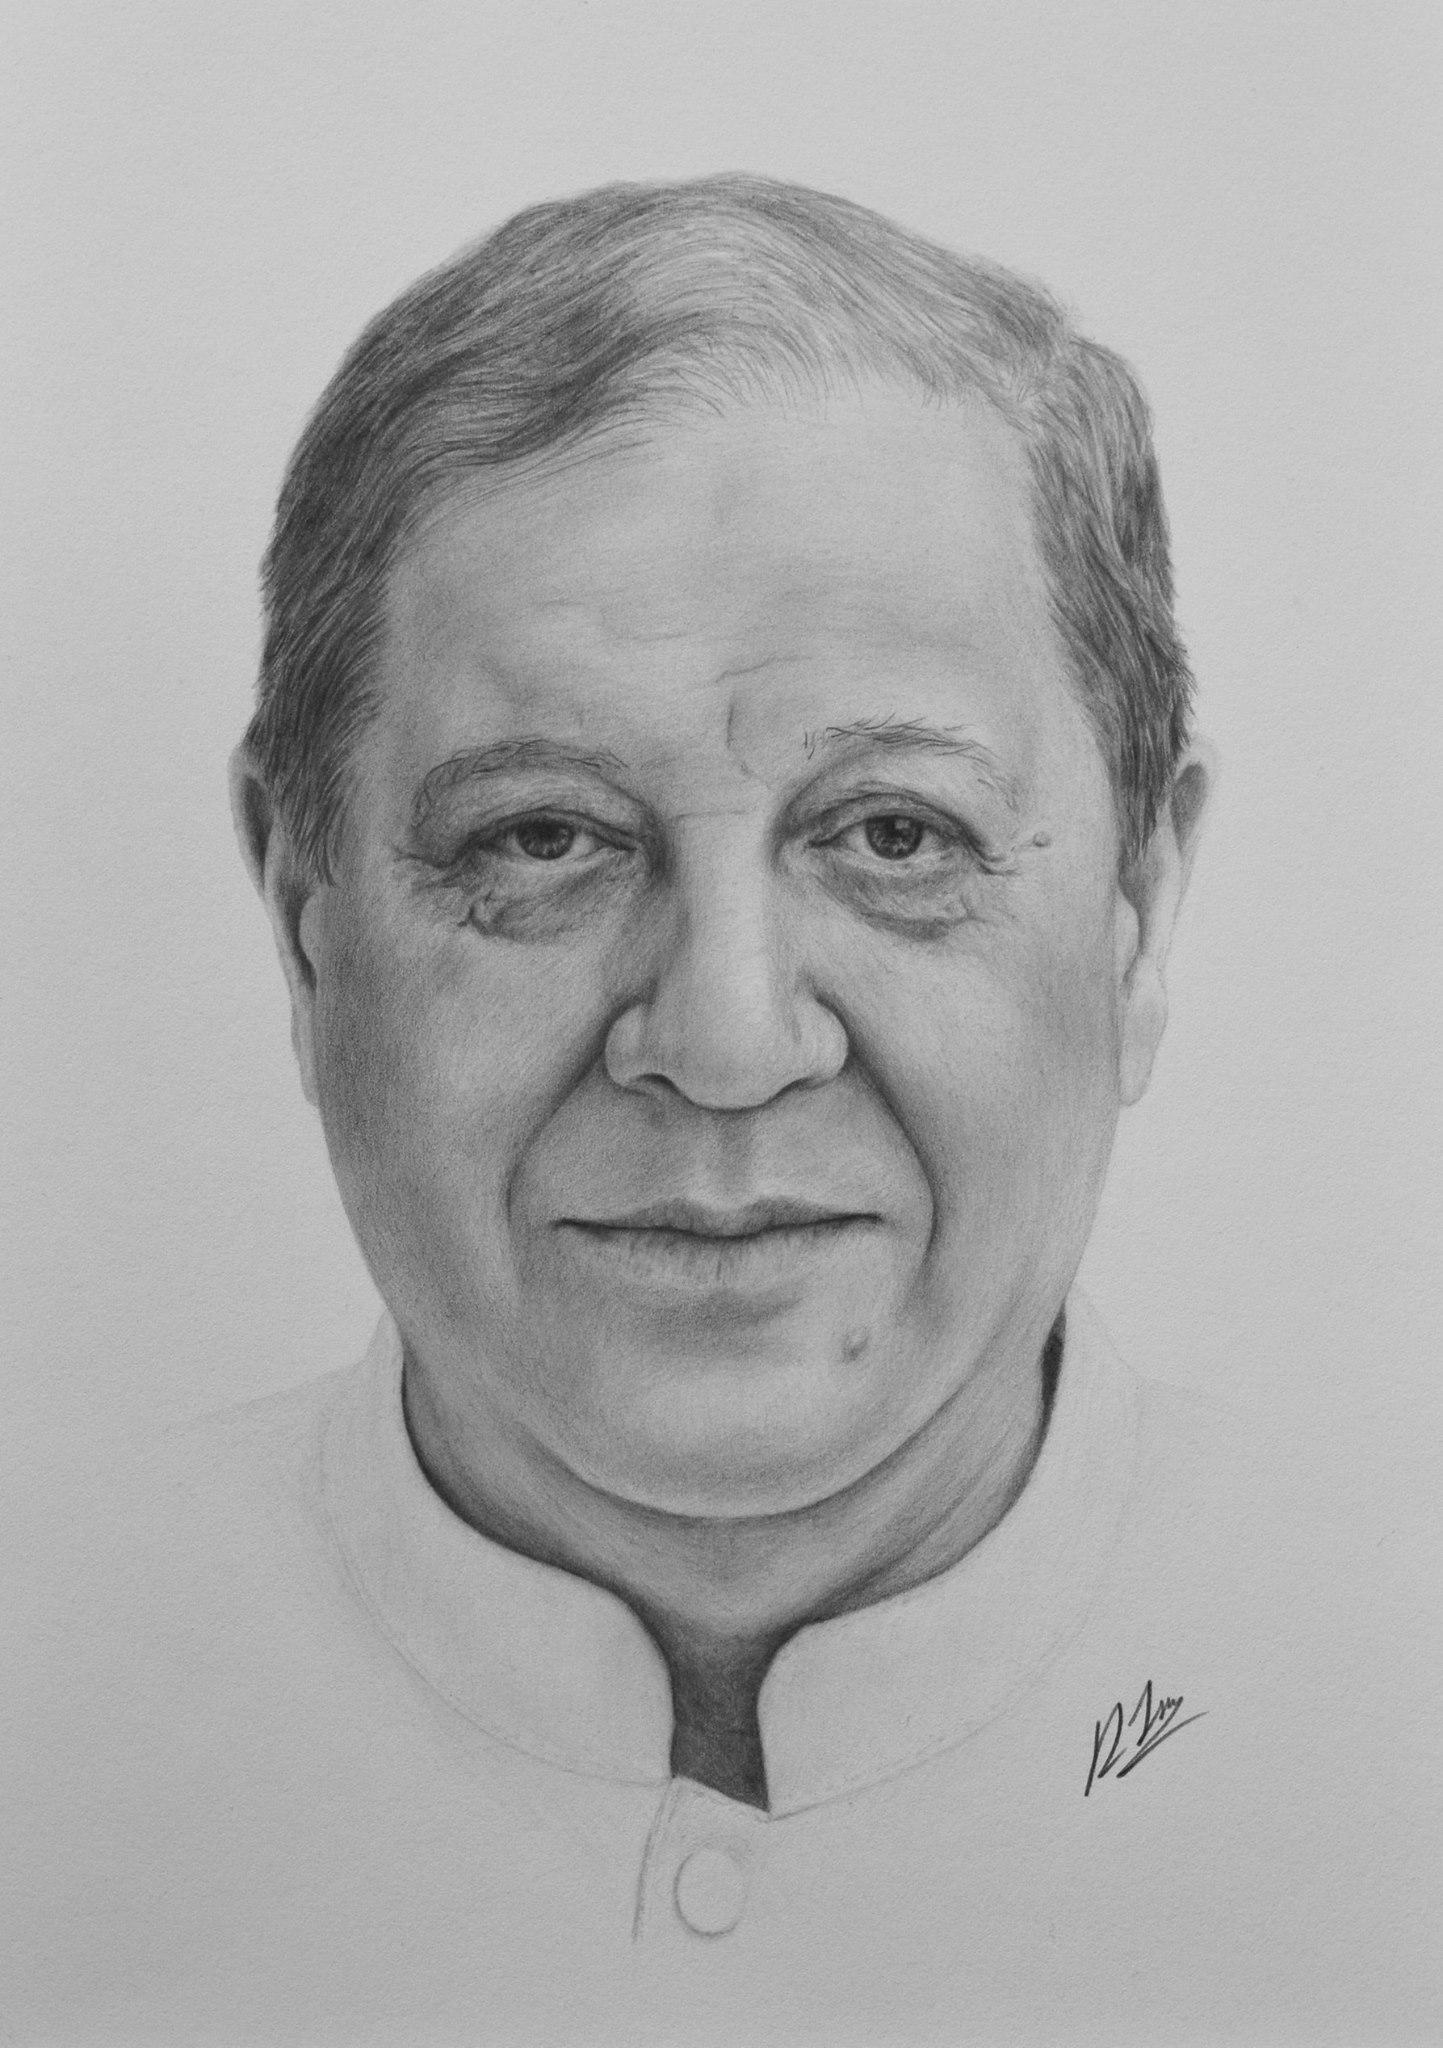 Prof. Dr. Silviu Constantinoiu, Președintele Societăţii Române de Chirurgie: Intervențiile chirurgicale, din punct de vedere al rafinamentului tehnic, pot să suporte unele corecții, în această perioadă